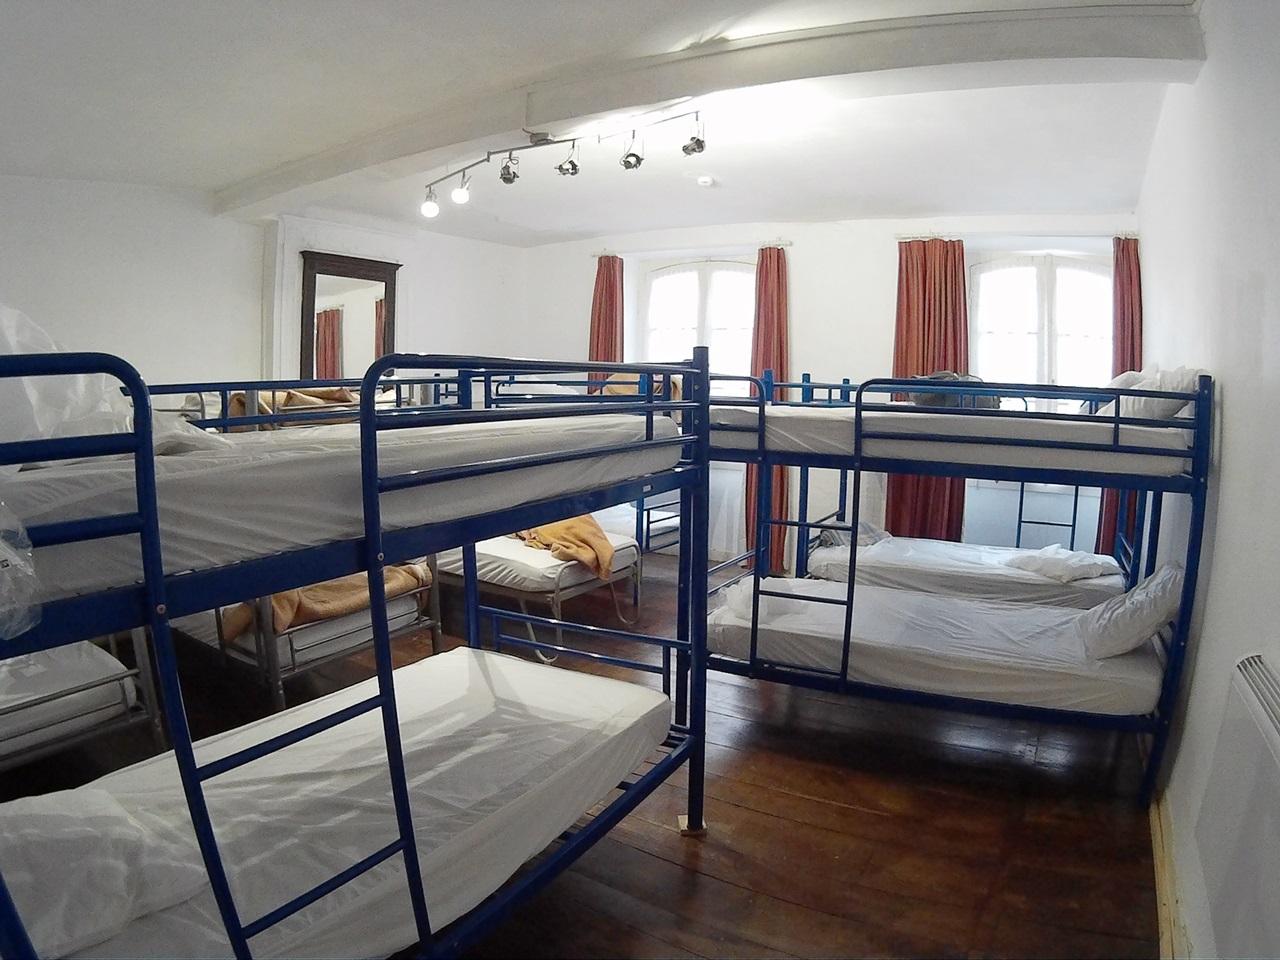 순례자 숙소 (알베르게) 내부  1인실이나 2인실을 사용할 수도 있지만, 대부분은 이렇게 여러명이 함께 묵게 된다